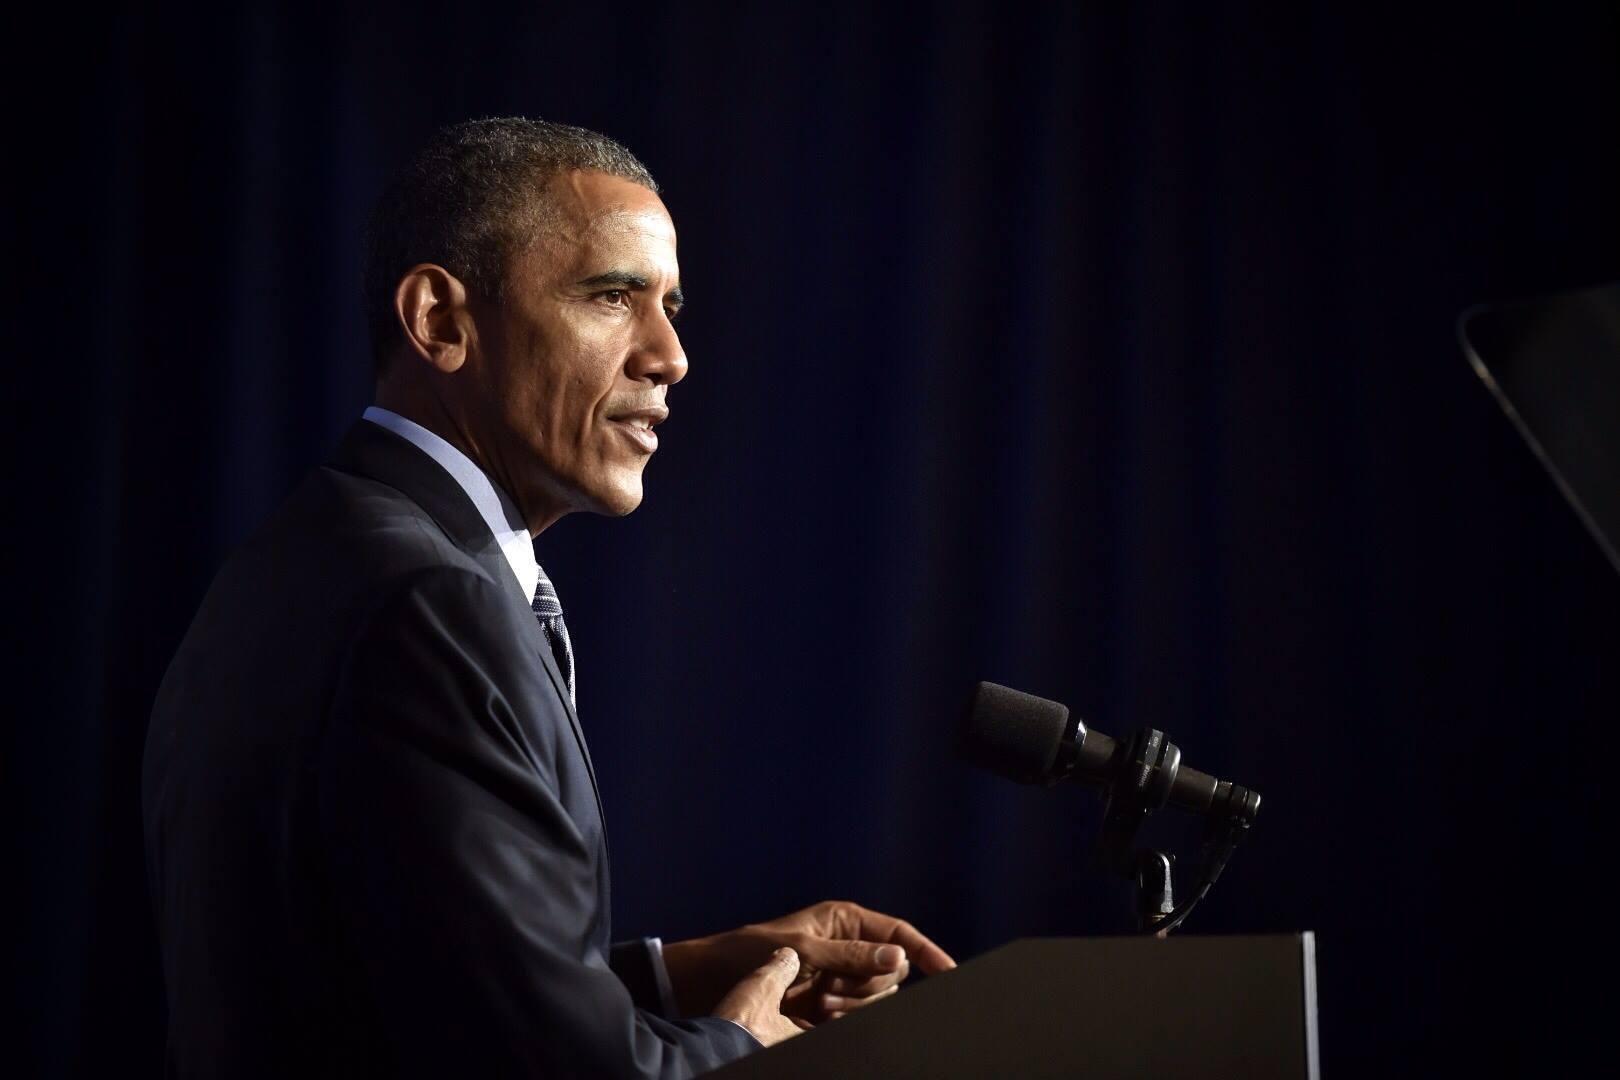 А напоследок я скажу… О чем говорил Обама?